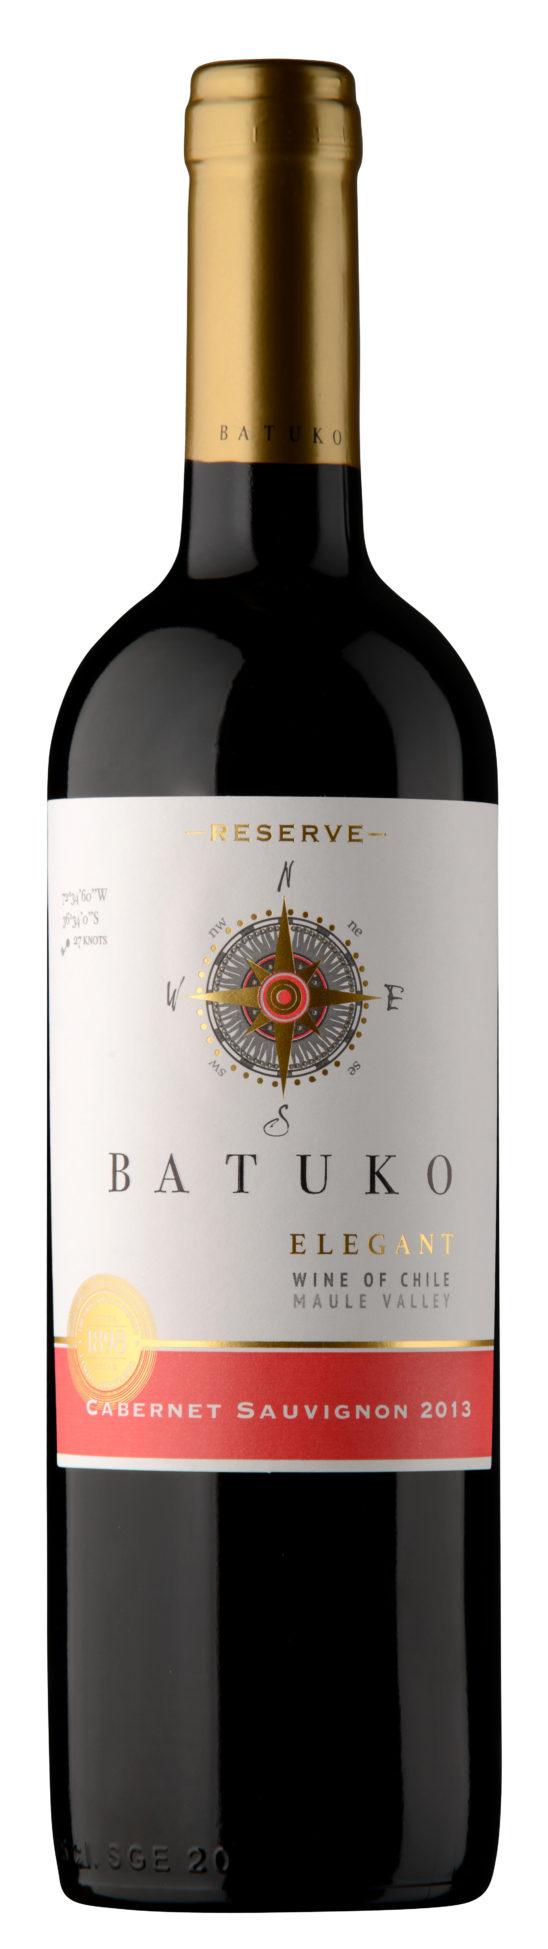 BATUKO Elegant Reserve Cabernet Sauvignon